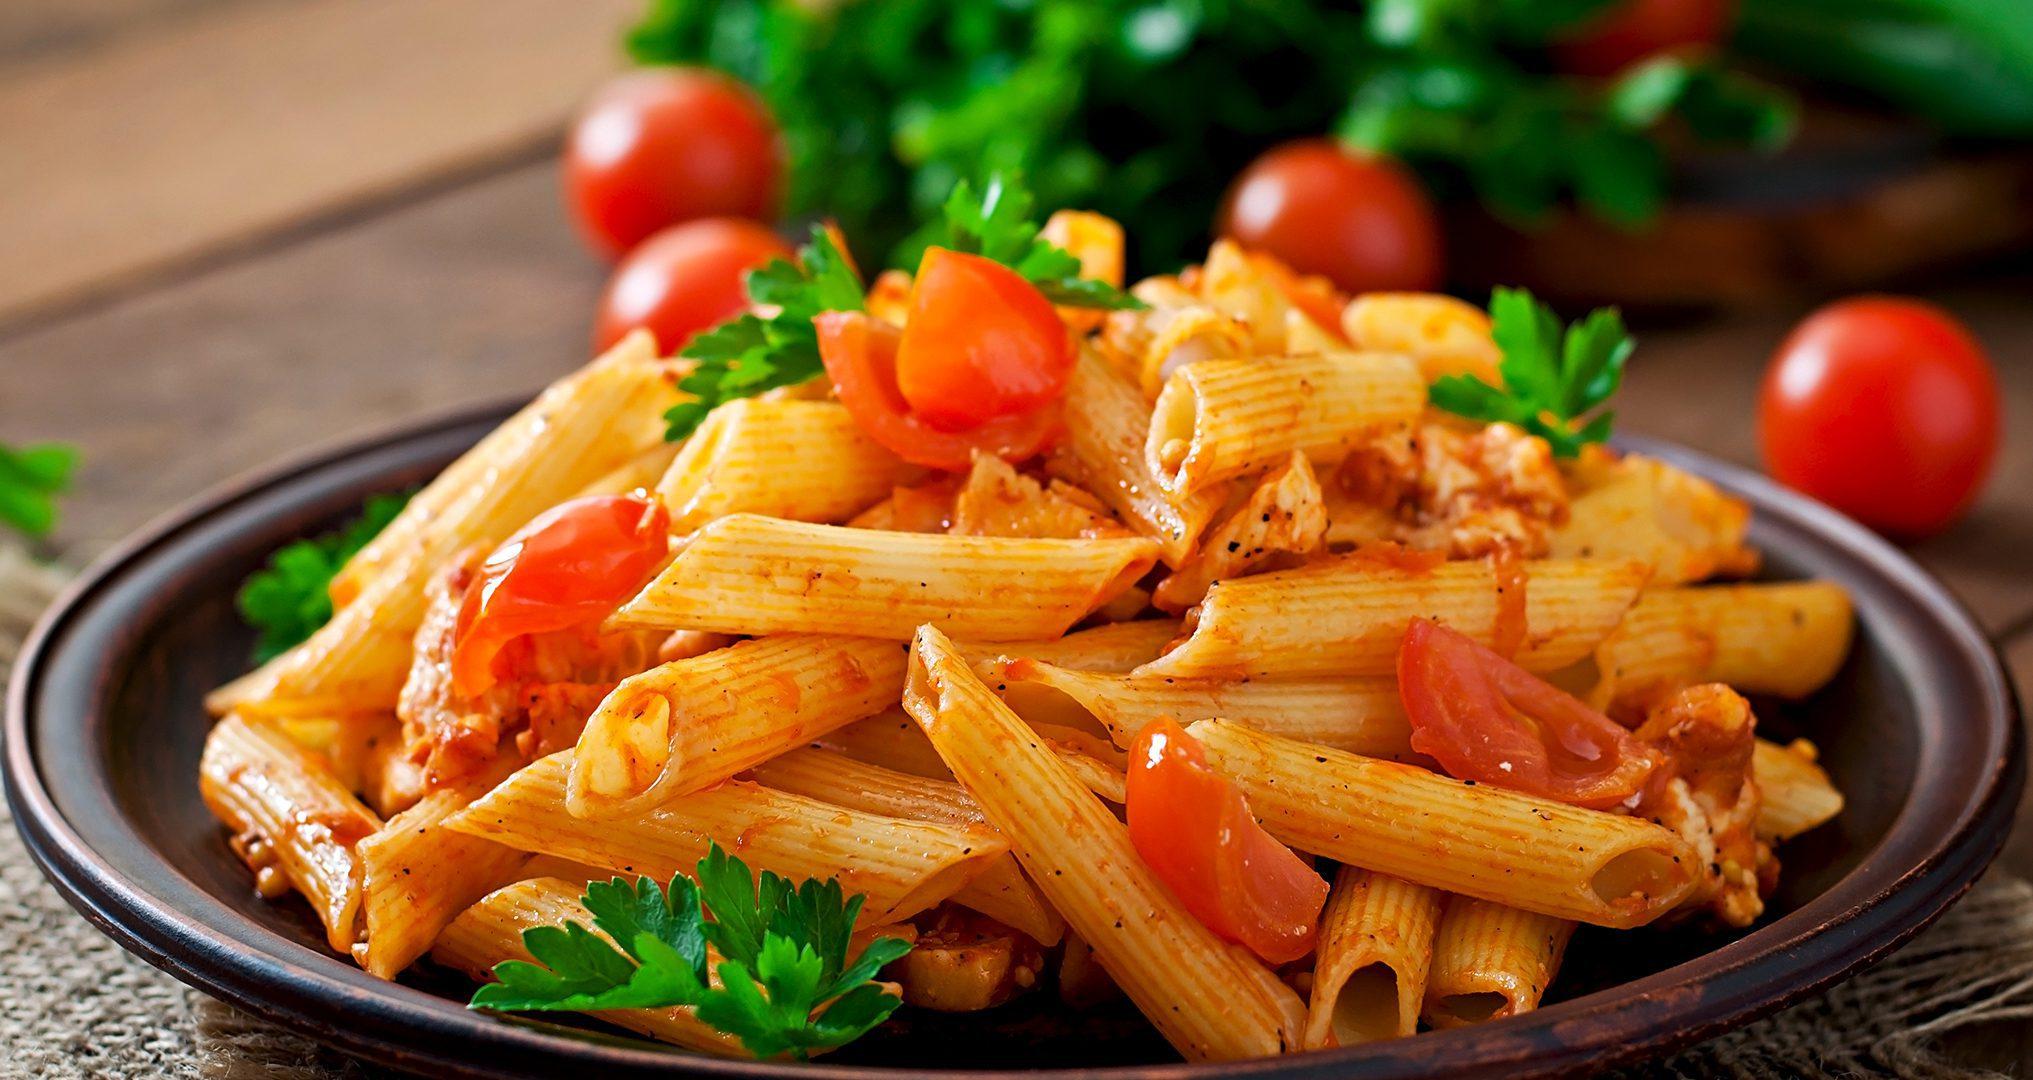 Plated grape tomato pasta